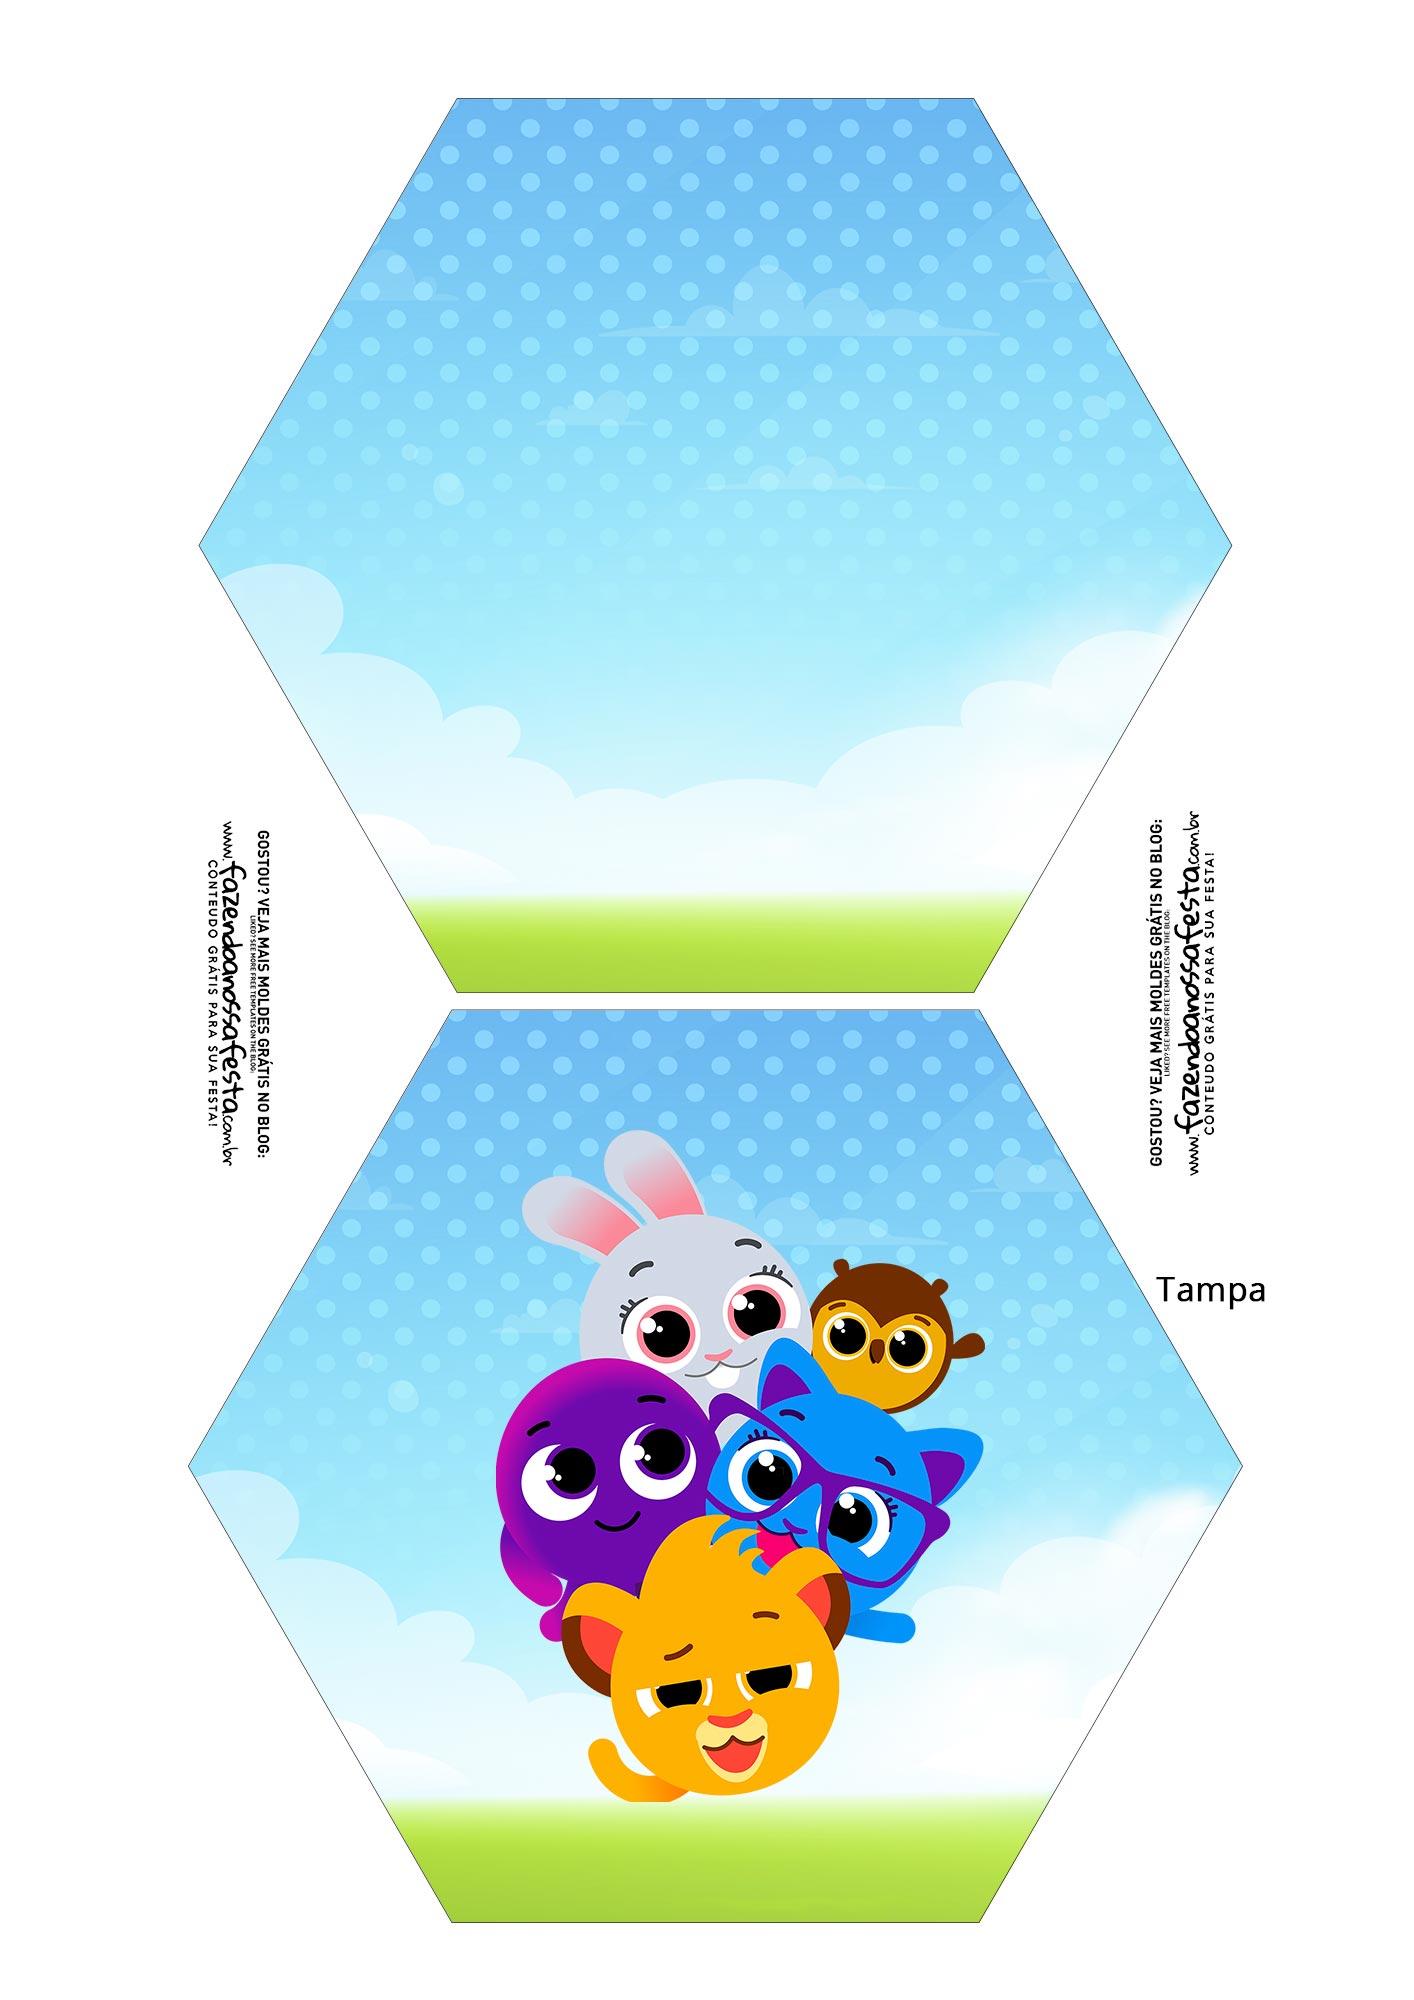 Caixa Explosiva Personagens para Pascoa Bolofofos 1